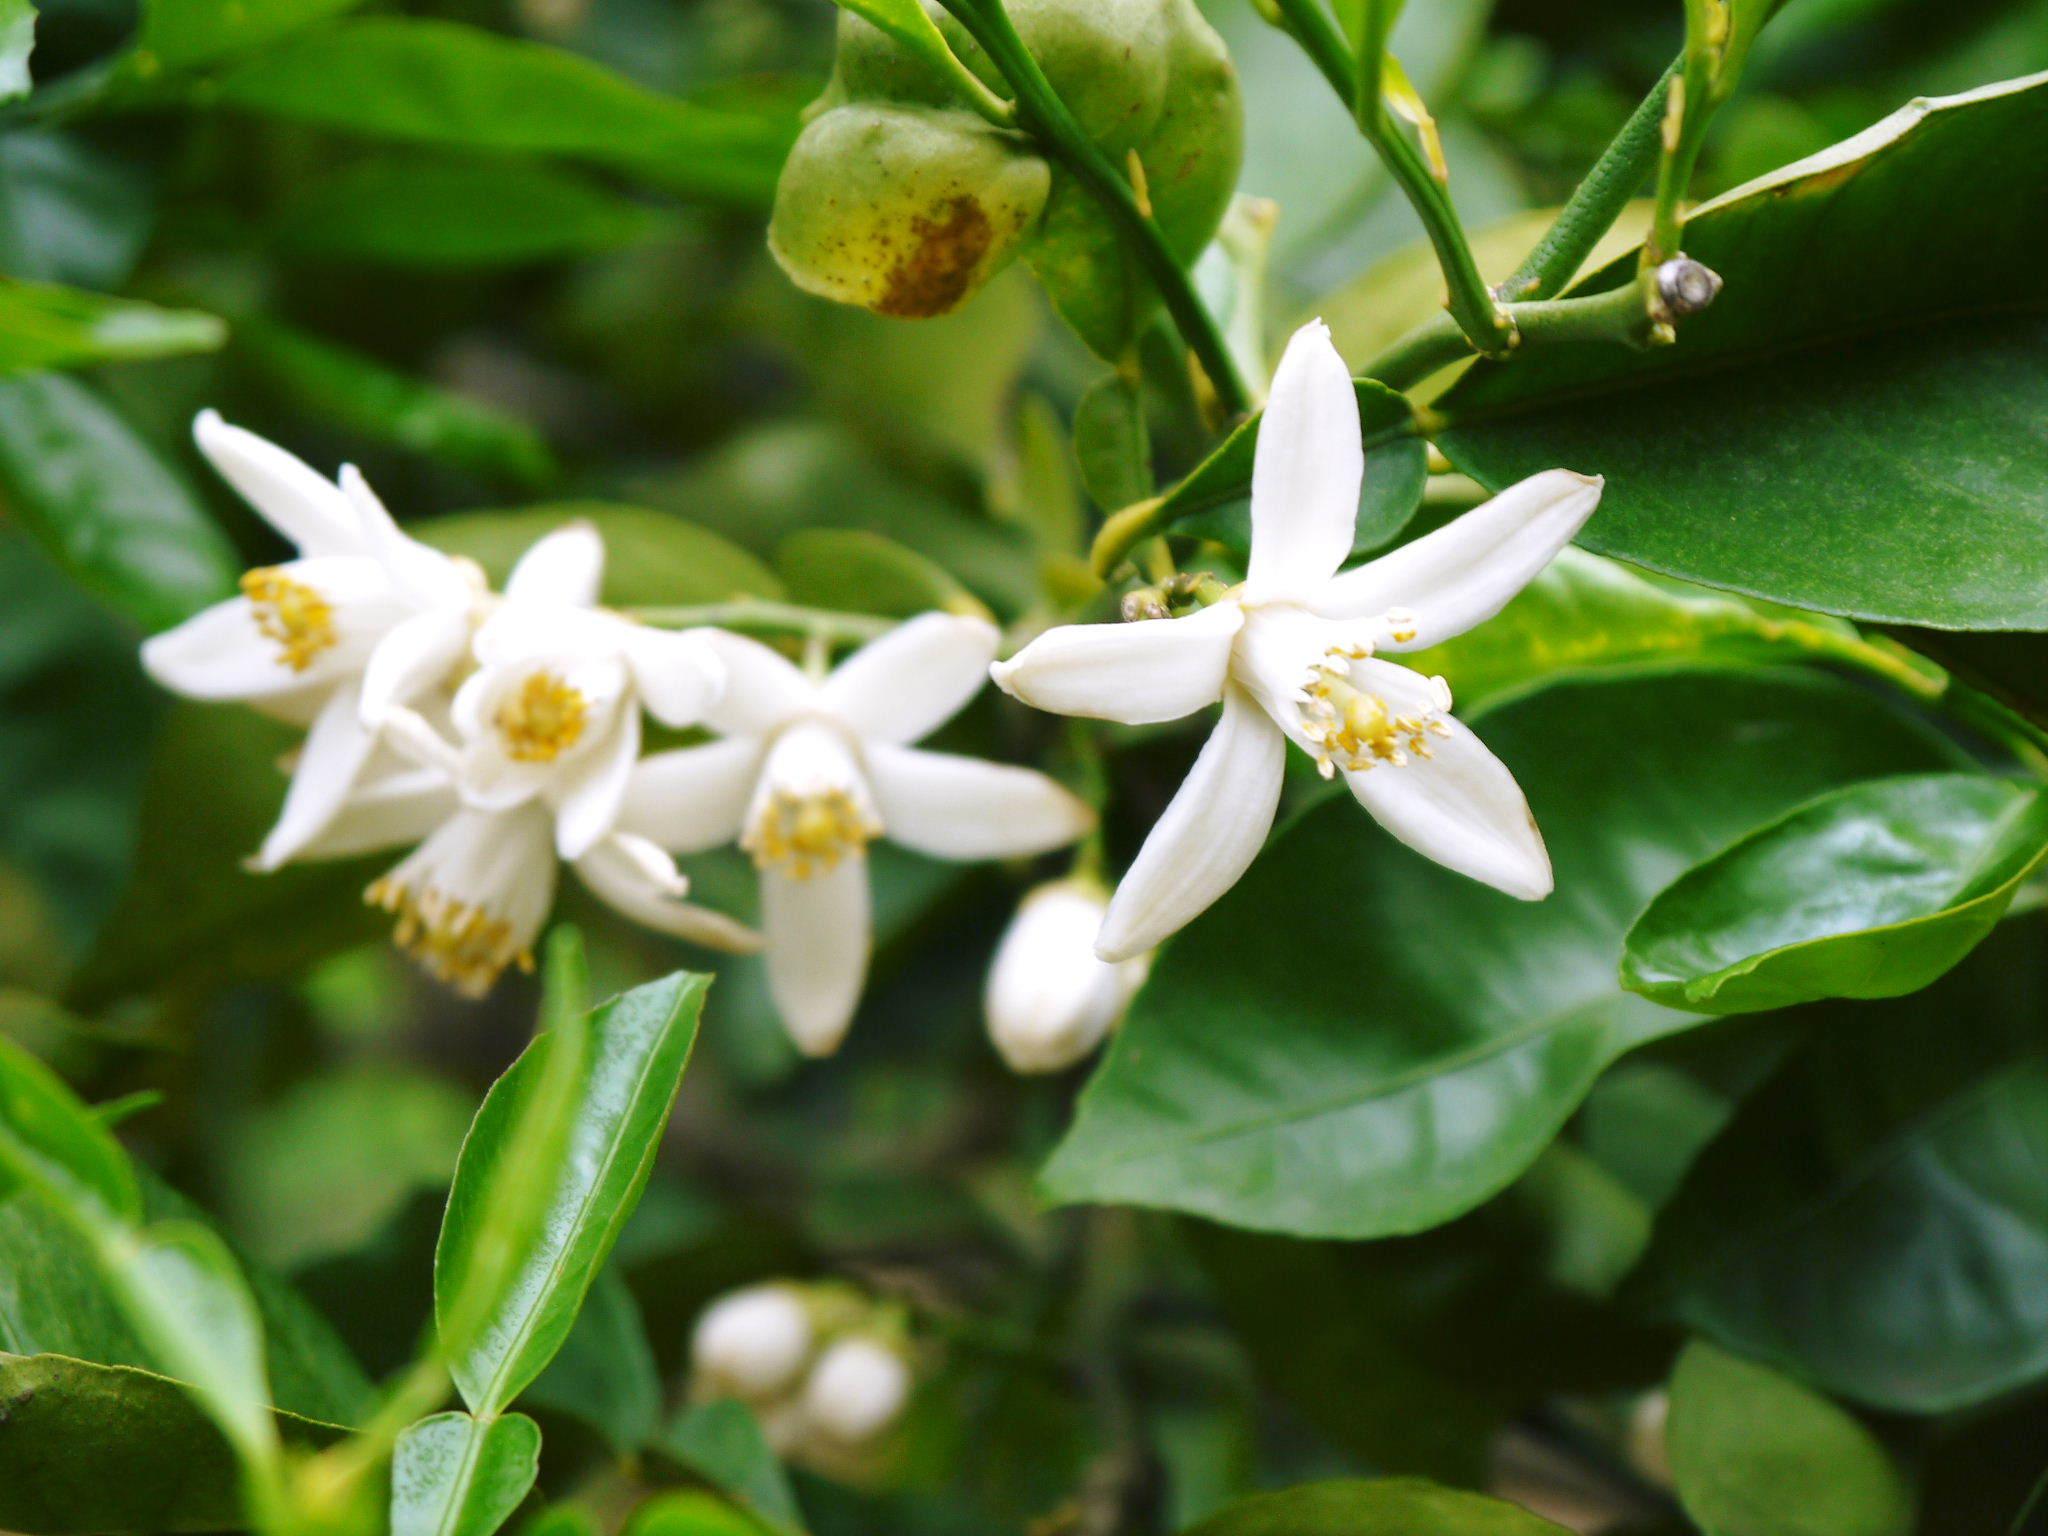 種なしかぼす 花咲く様子(2020) 今年は花が少なくその分玉太りは良いですが収量は激減しそうです!_a0254656_17383249.jpg